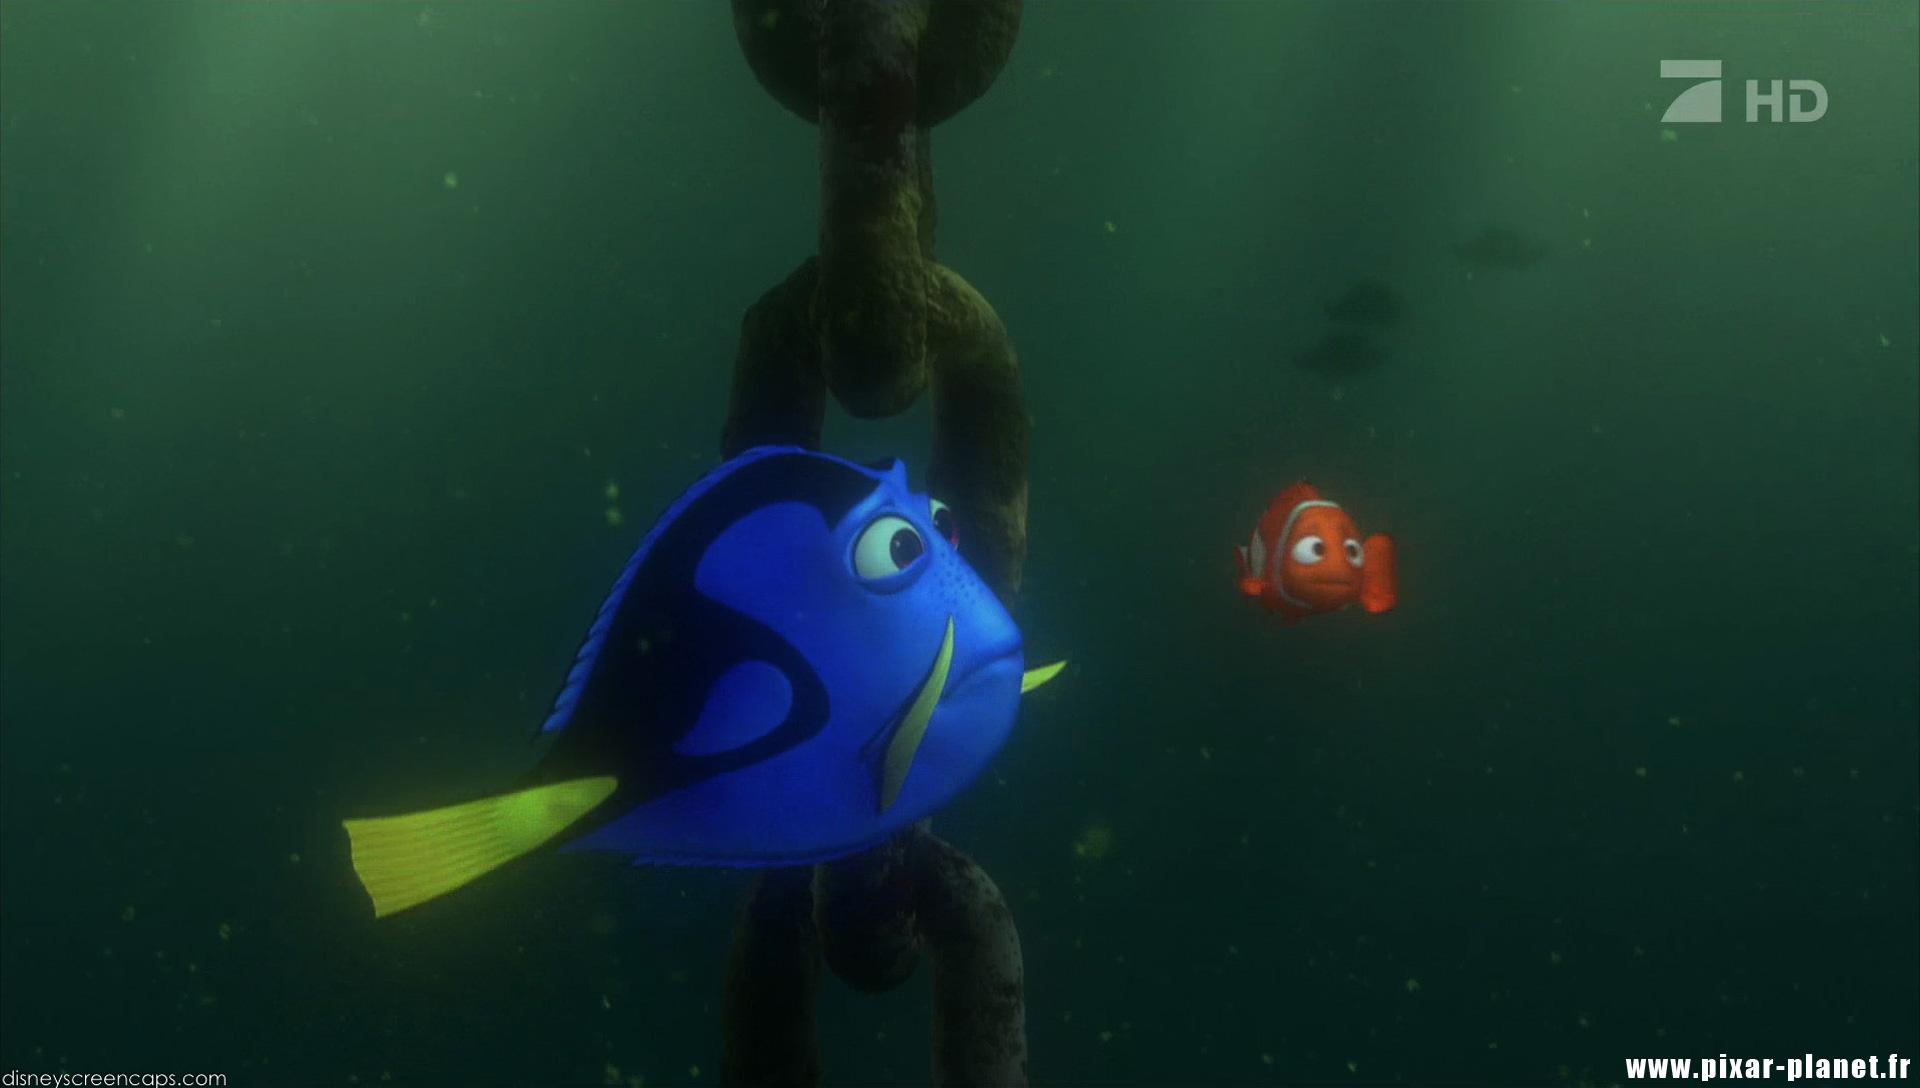 Les r pliques dans le monde de nemo pixar planet fr - Nemo et doris ...